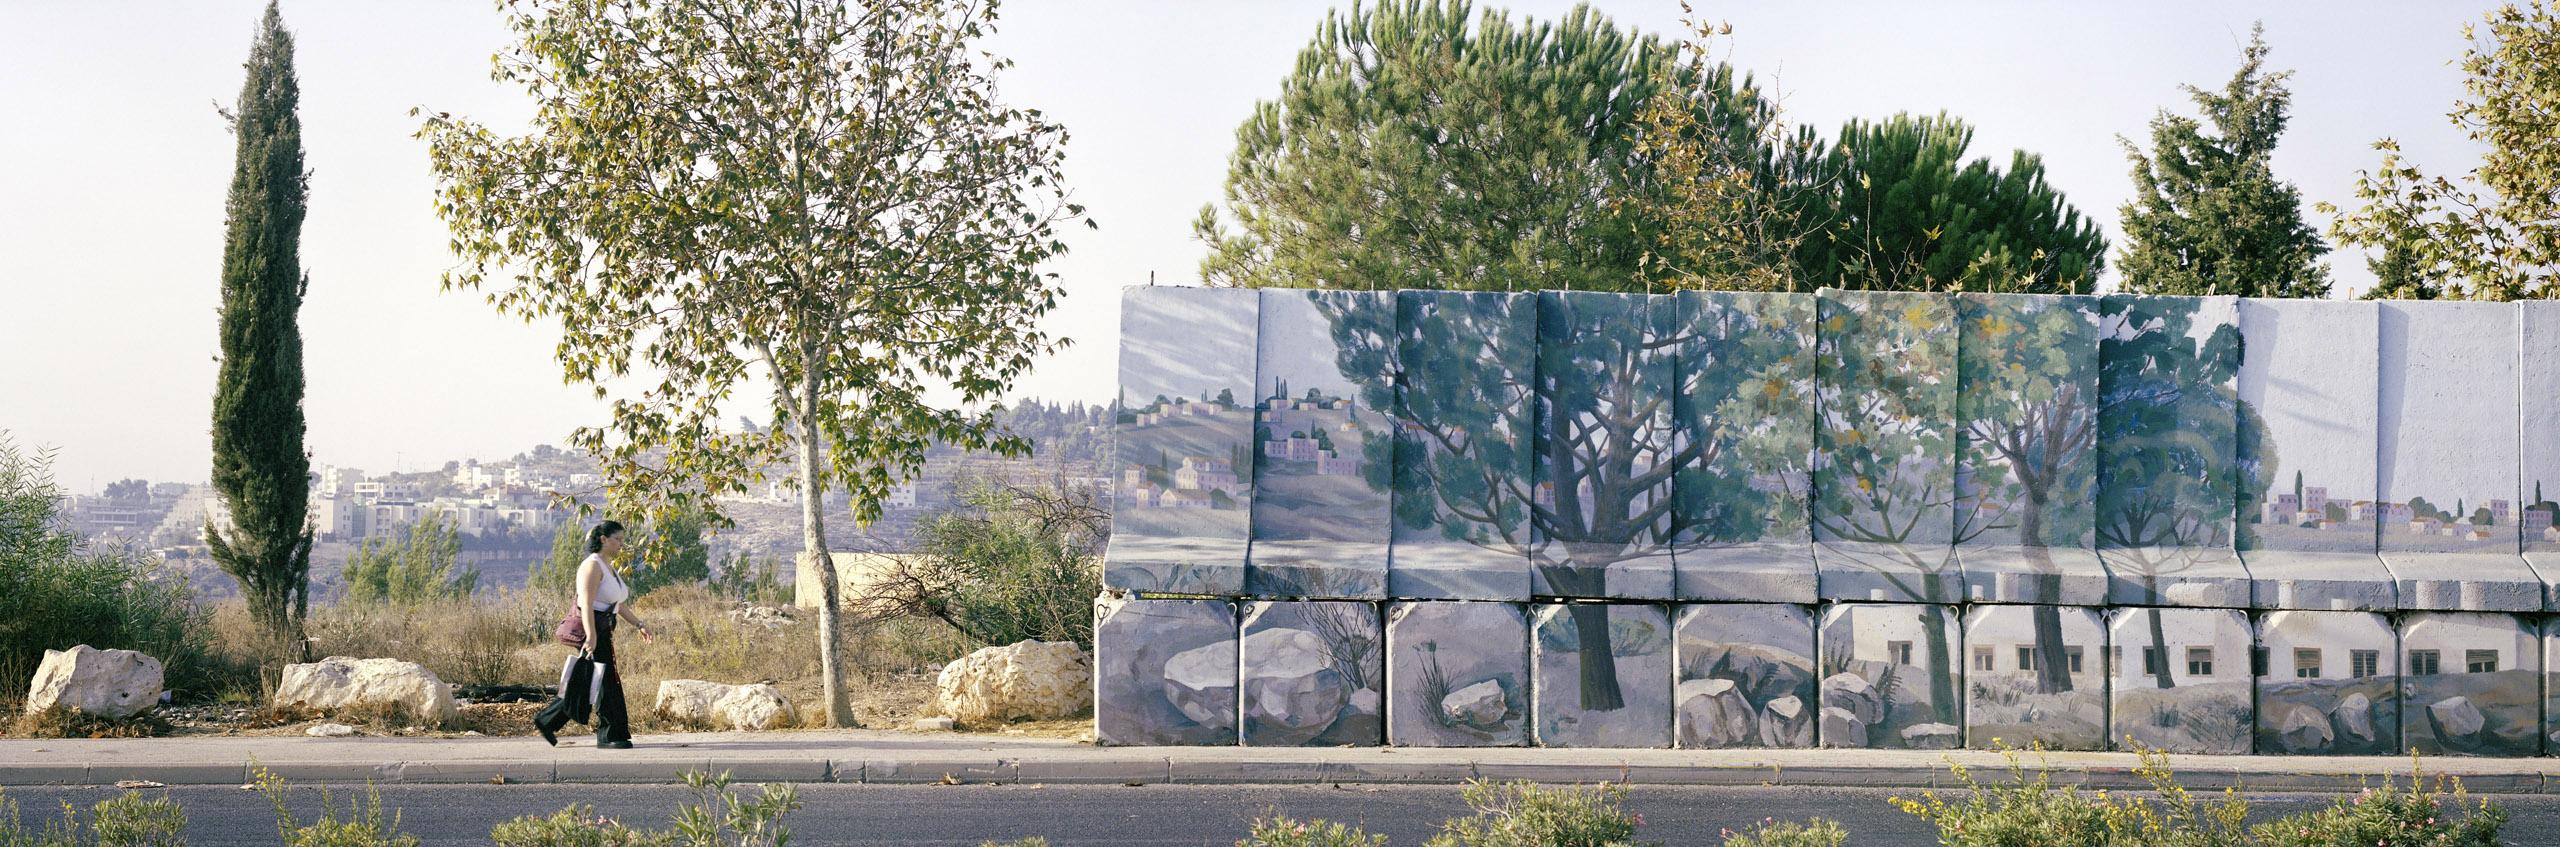 Gilo, Jerusalem, 2004.